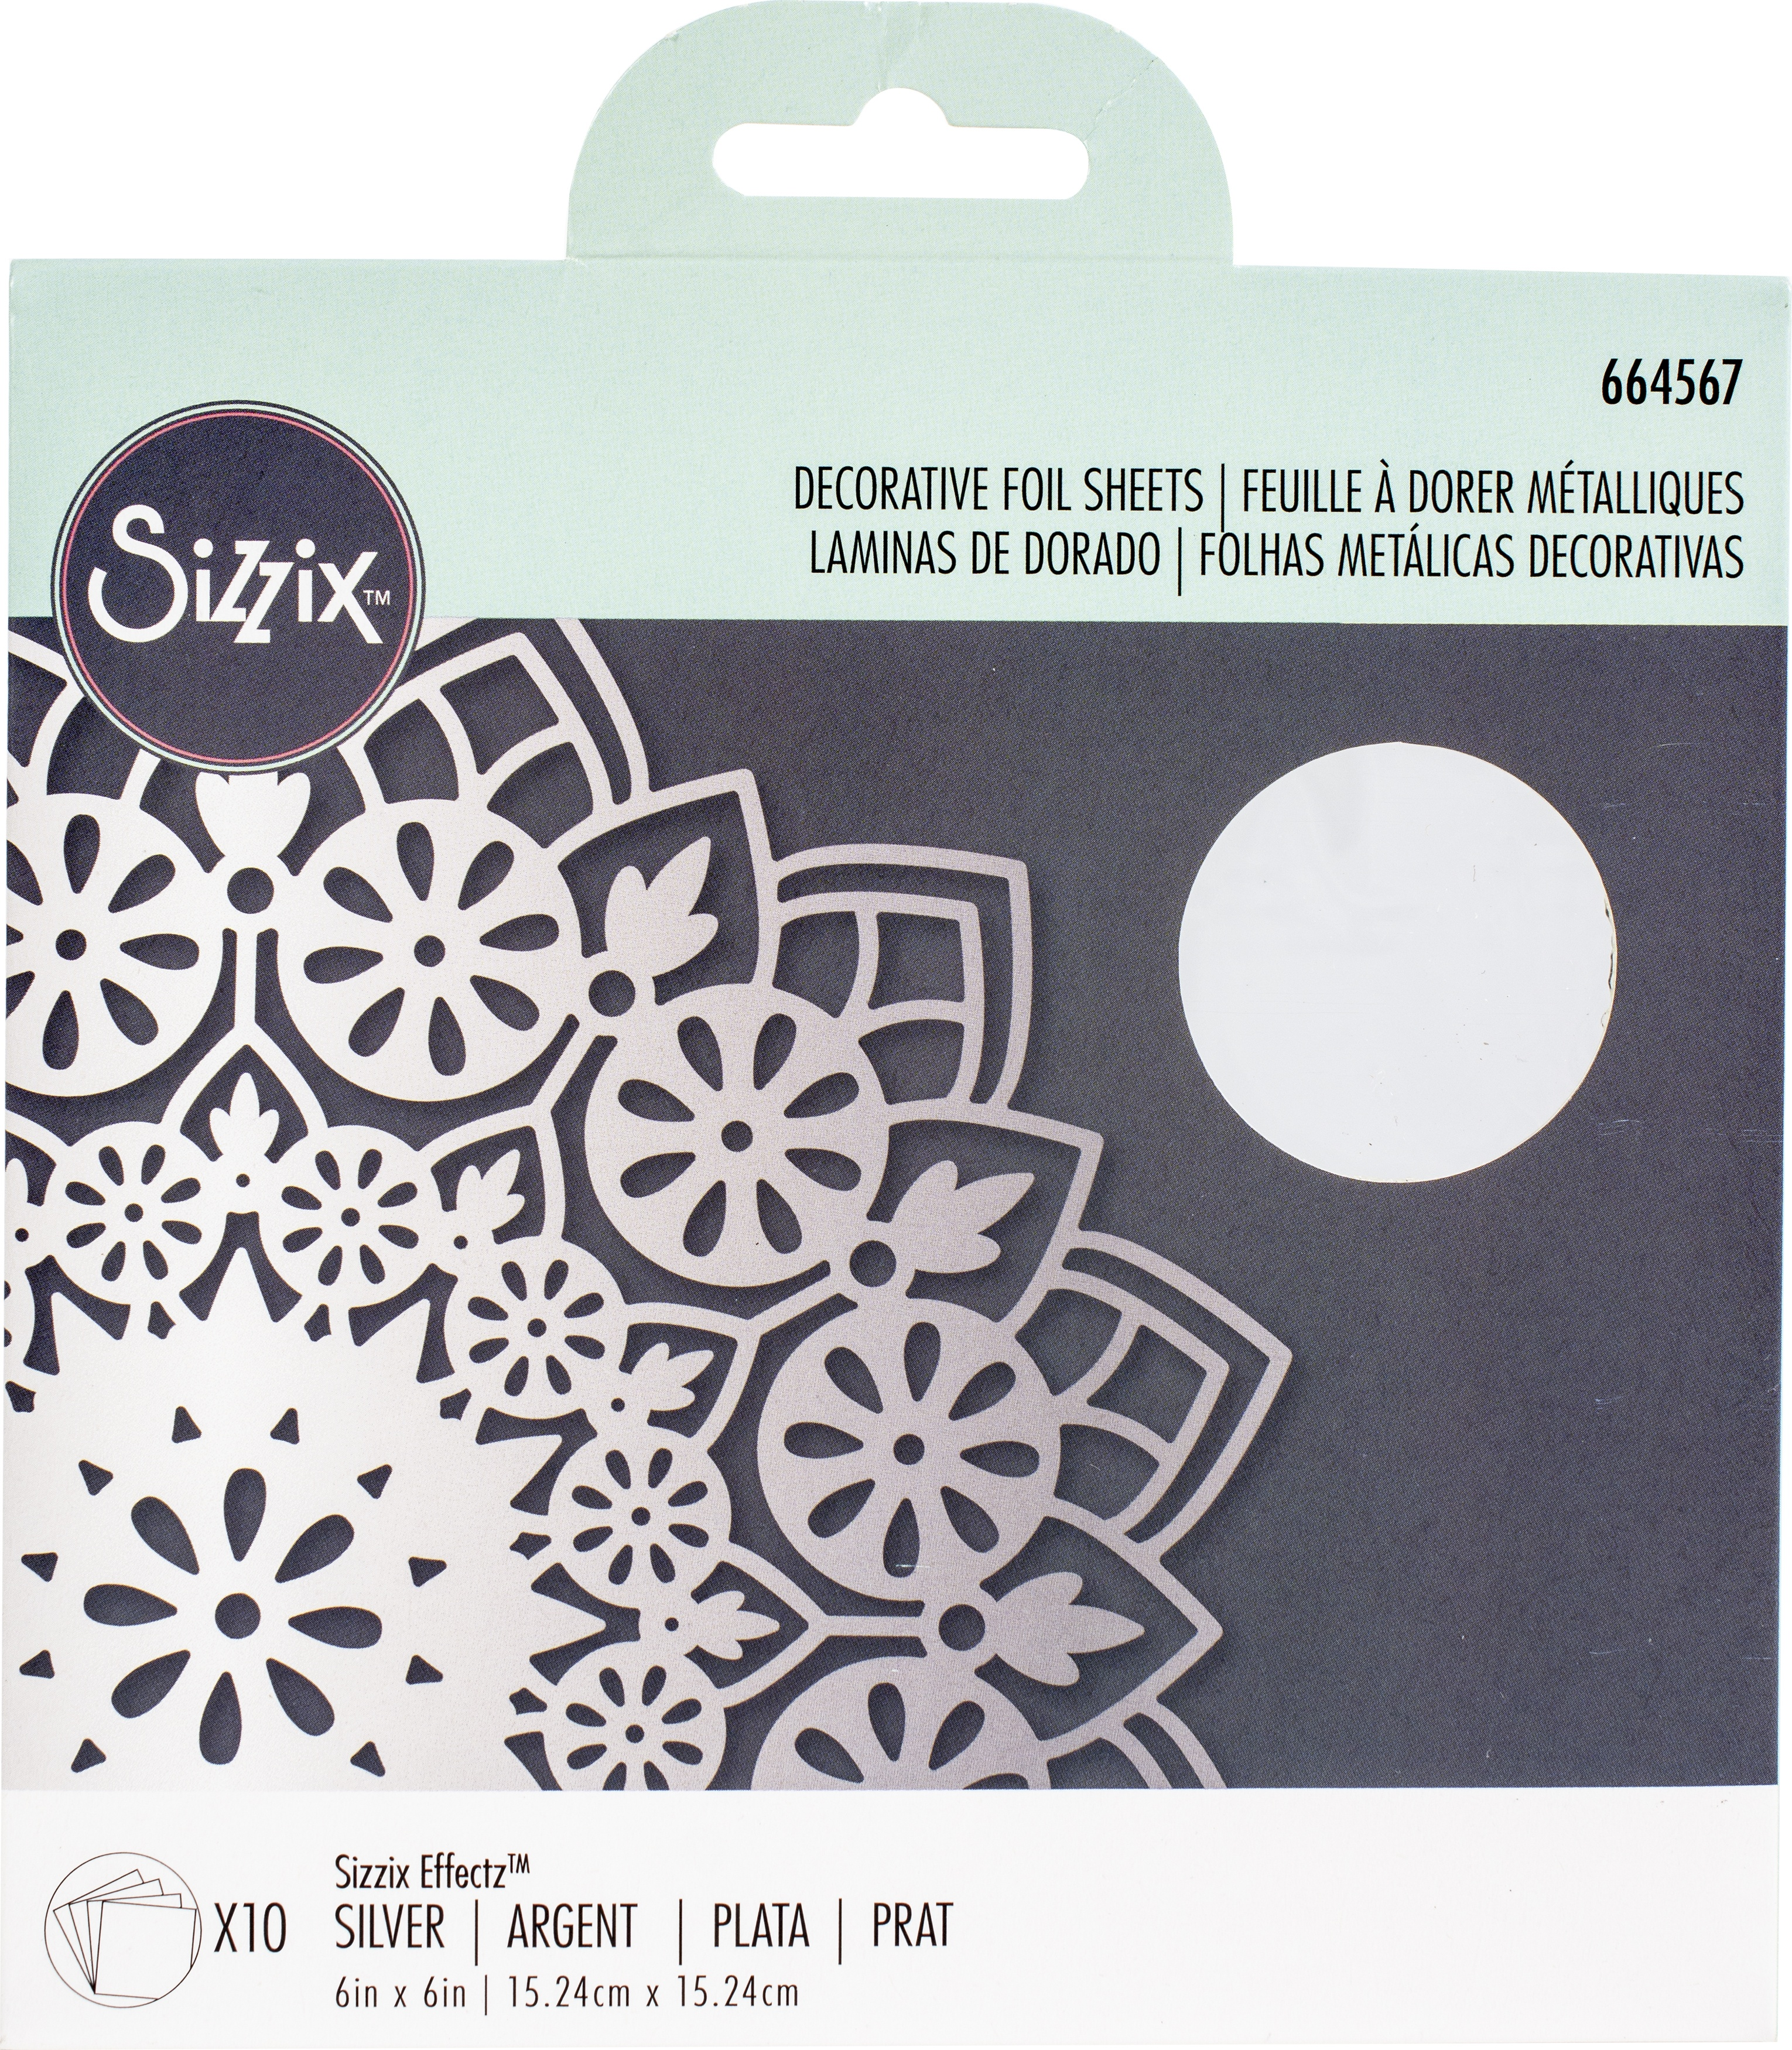 Sizzix - Decorative Foil Sheets - Silver, 10/Pkg